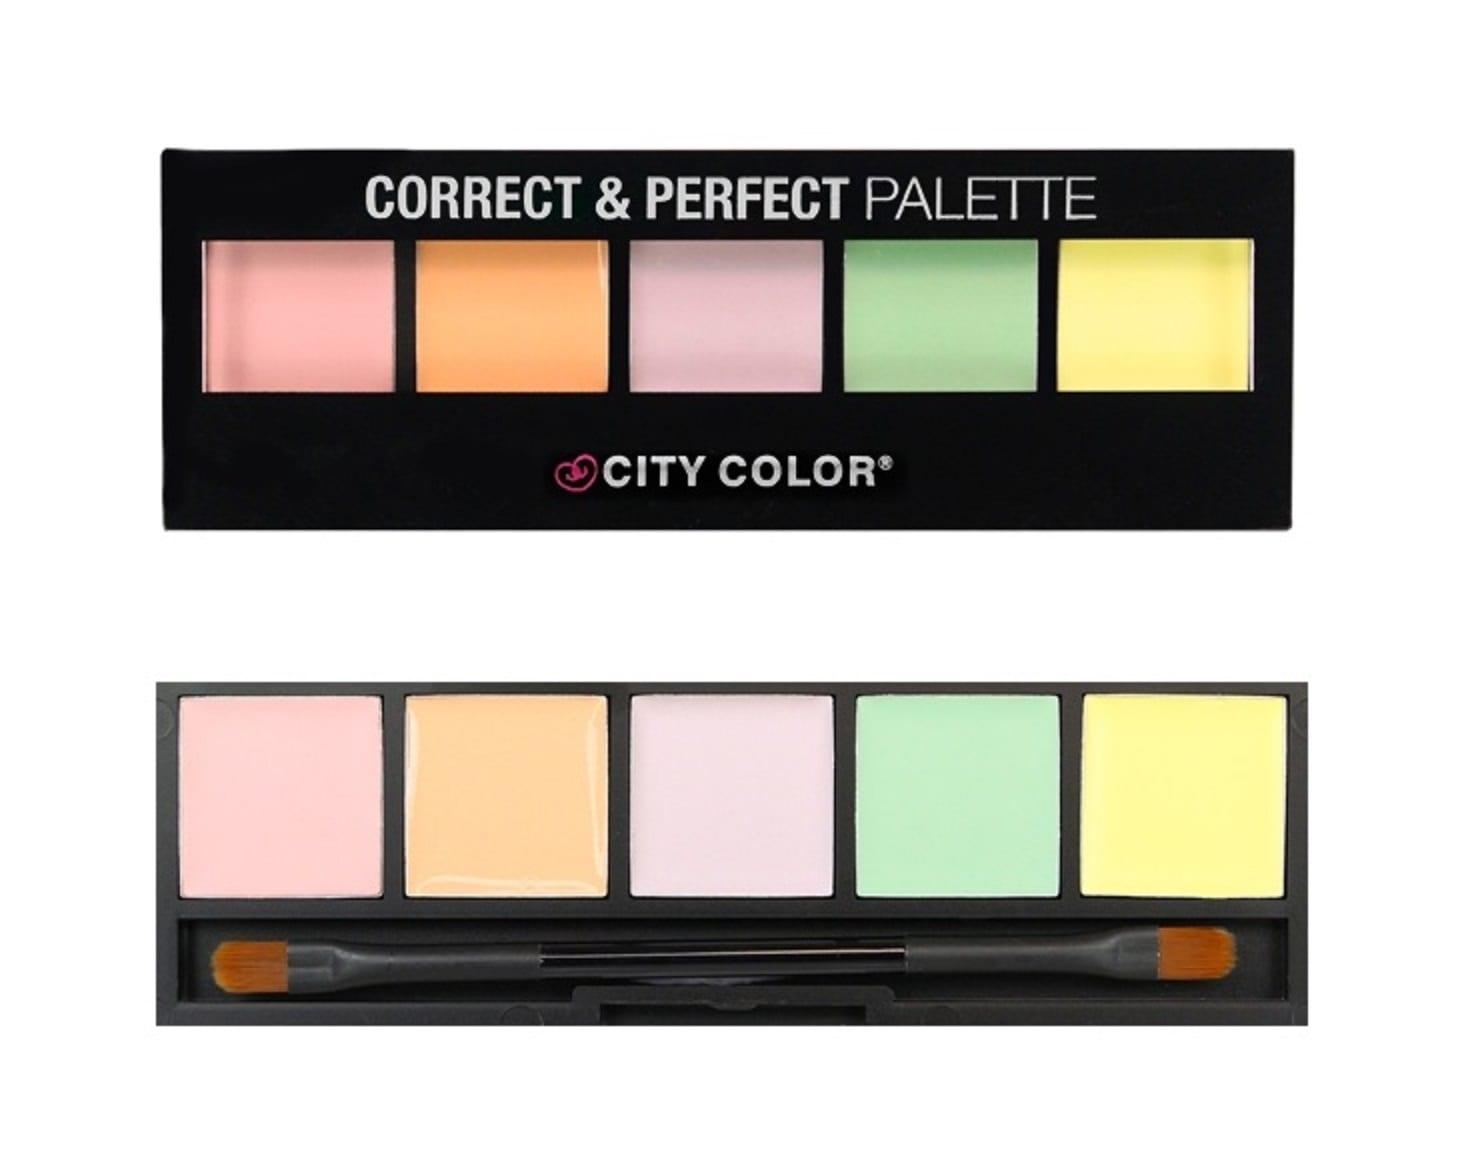 City Color 5 Colours Correct Perfect Palette Colour Zone Cosmetics Contour 2 Concealer